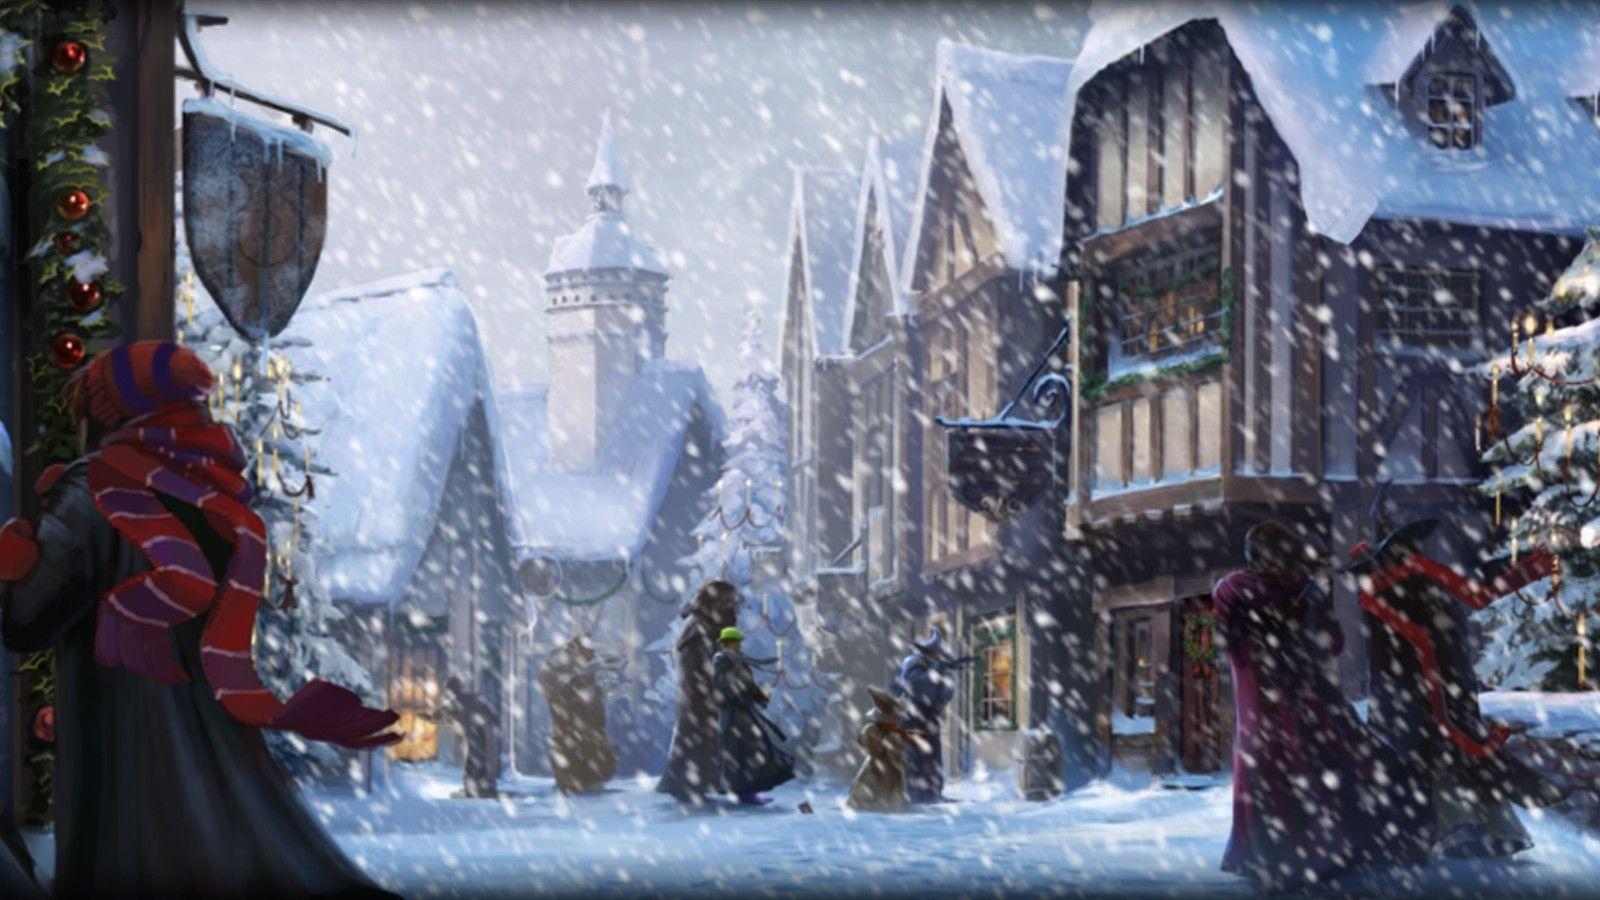 Best Wallpaper Harry Potter Christmas - 6168973052e20eedd36428c0809433d5  Pic_12723.jpg